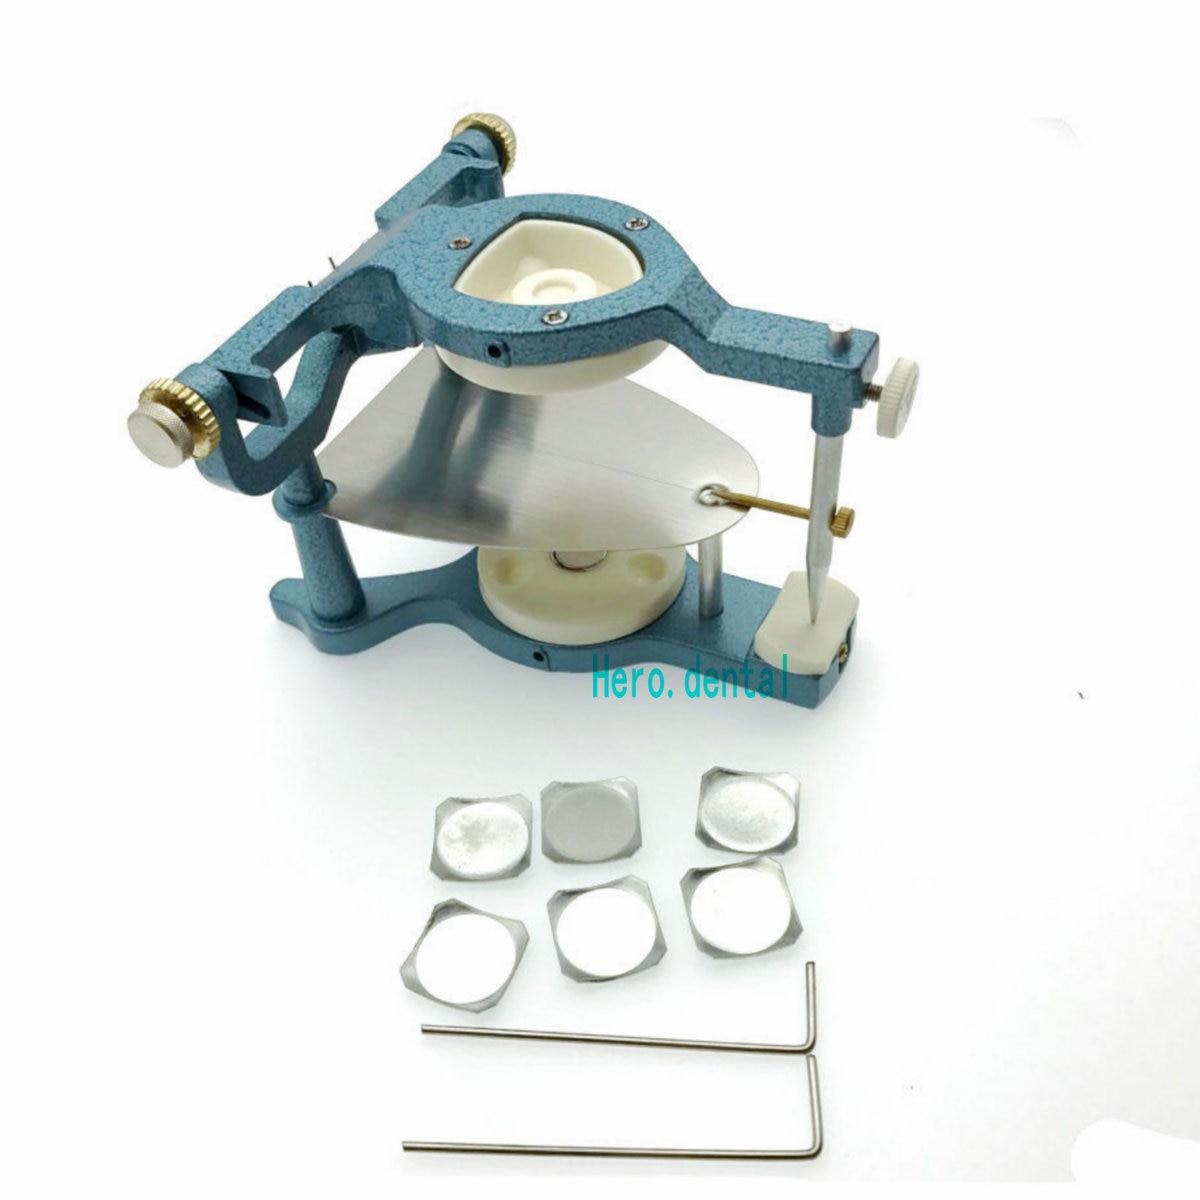 Dentist Use Dental Lab Big Adjustable Magnetic Articulator